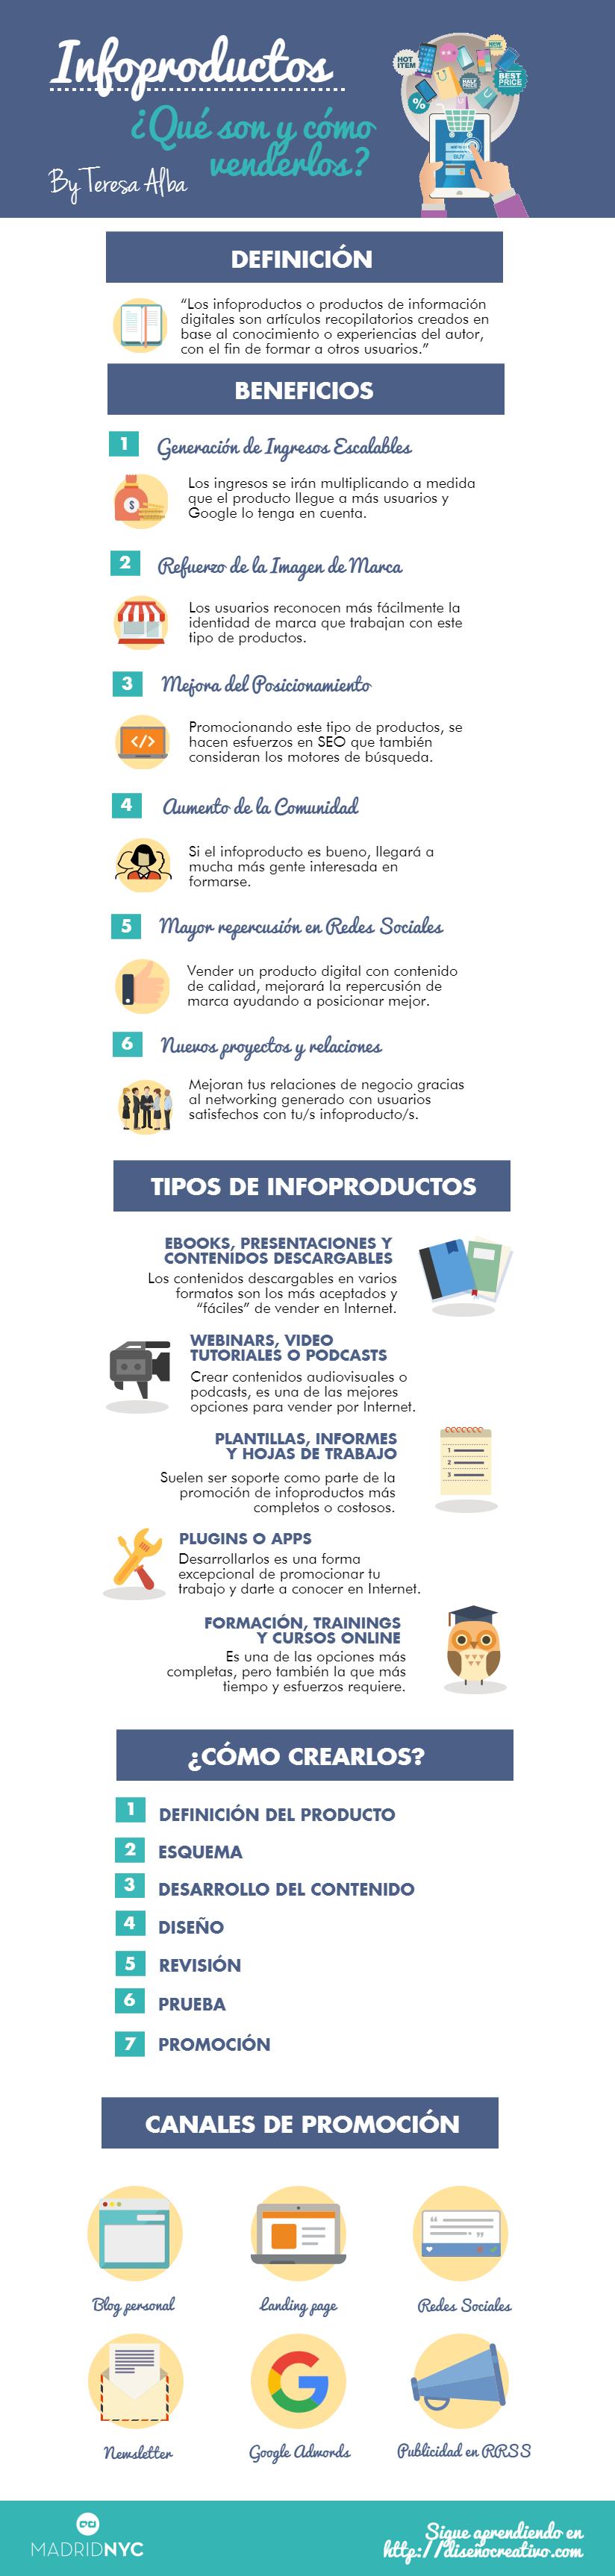 Infoproductos: qué son y cómo venderlos